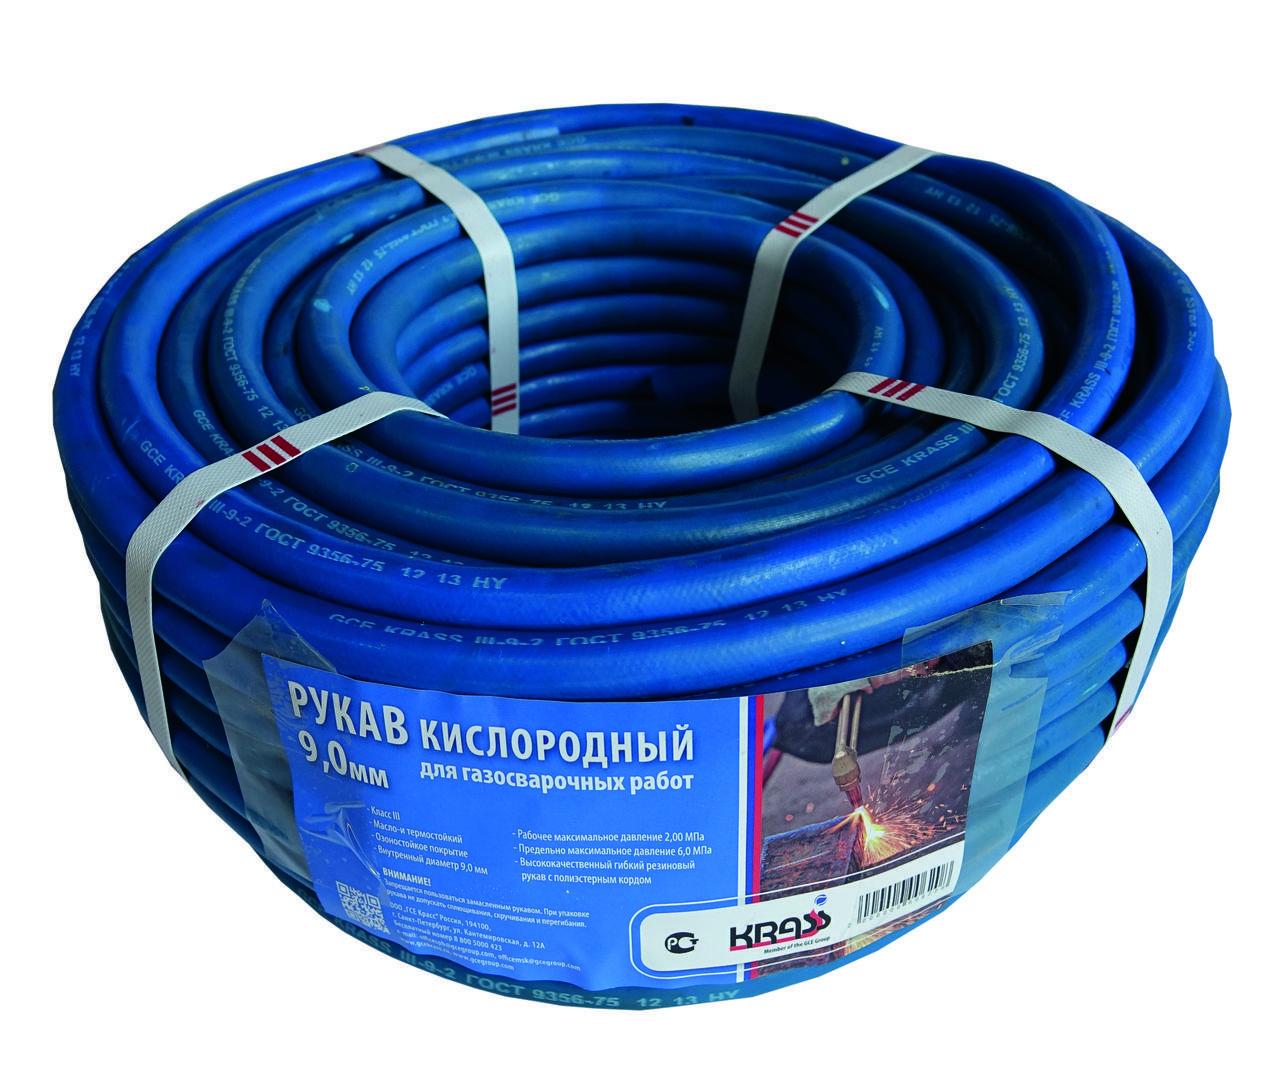 Рукав кислородный d=9 мм GCE KRASS PREMIUM (синий)